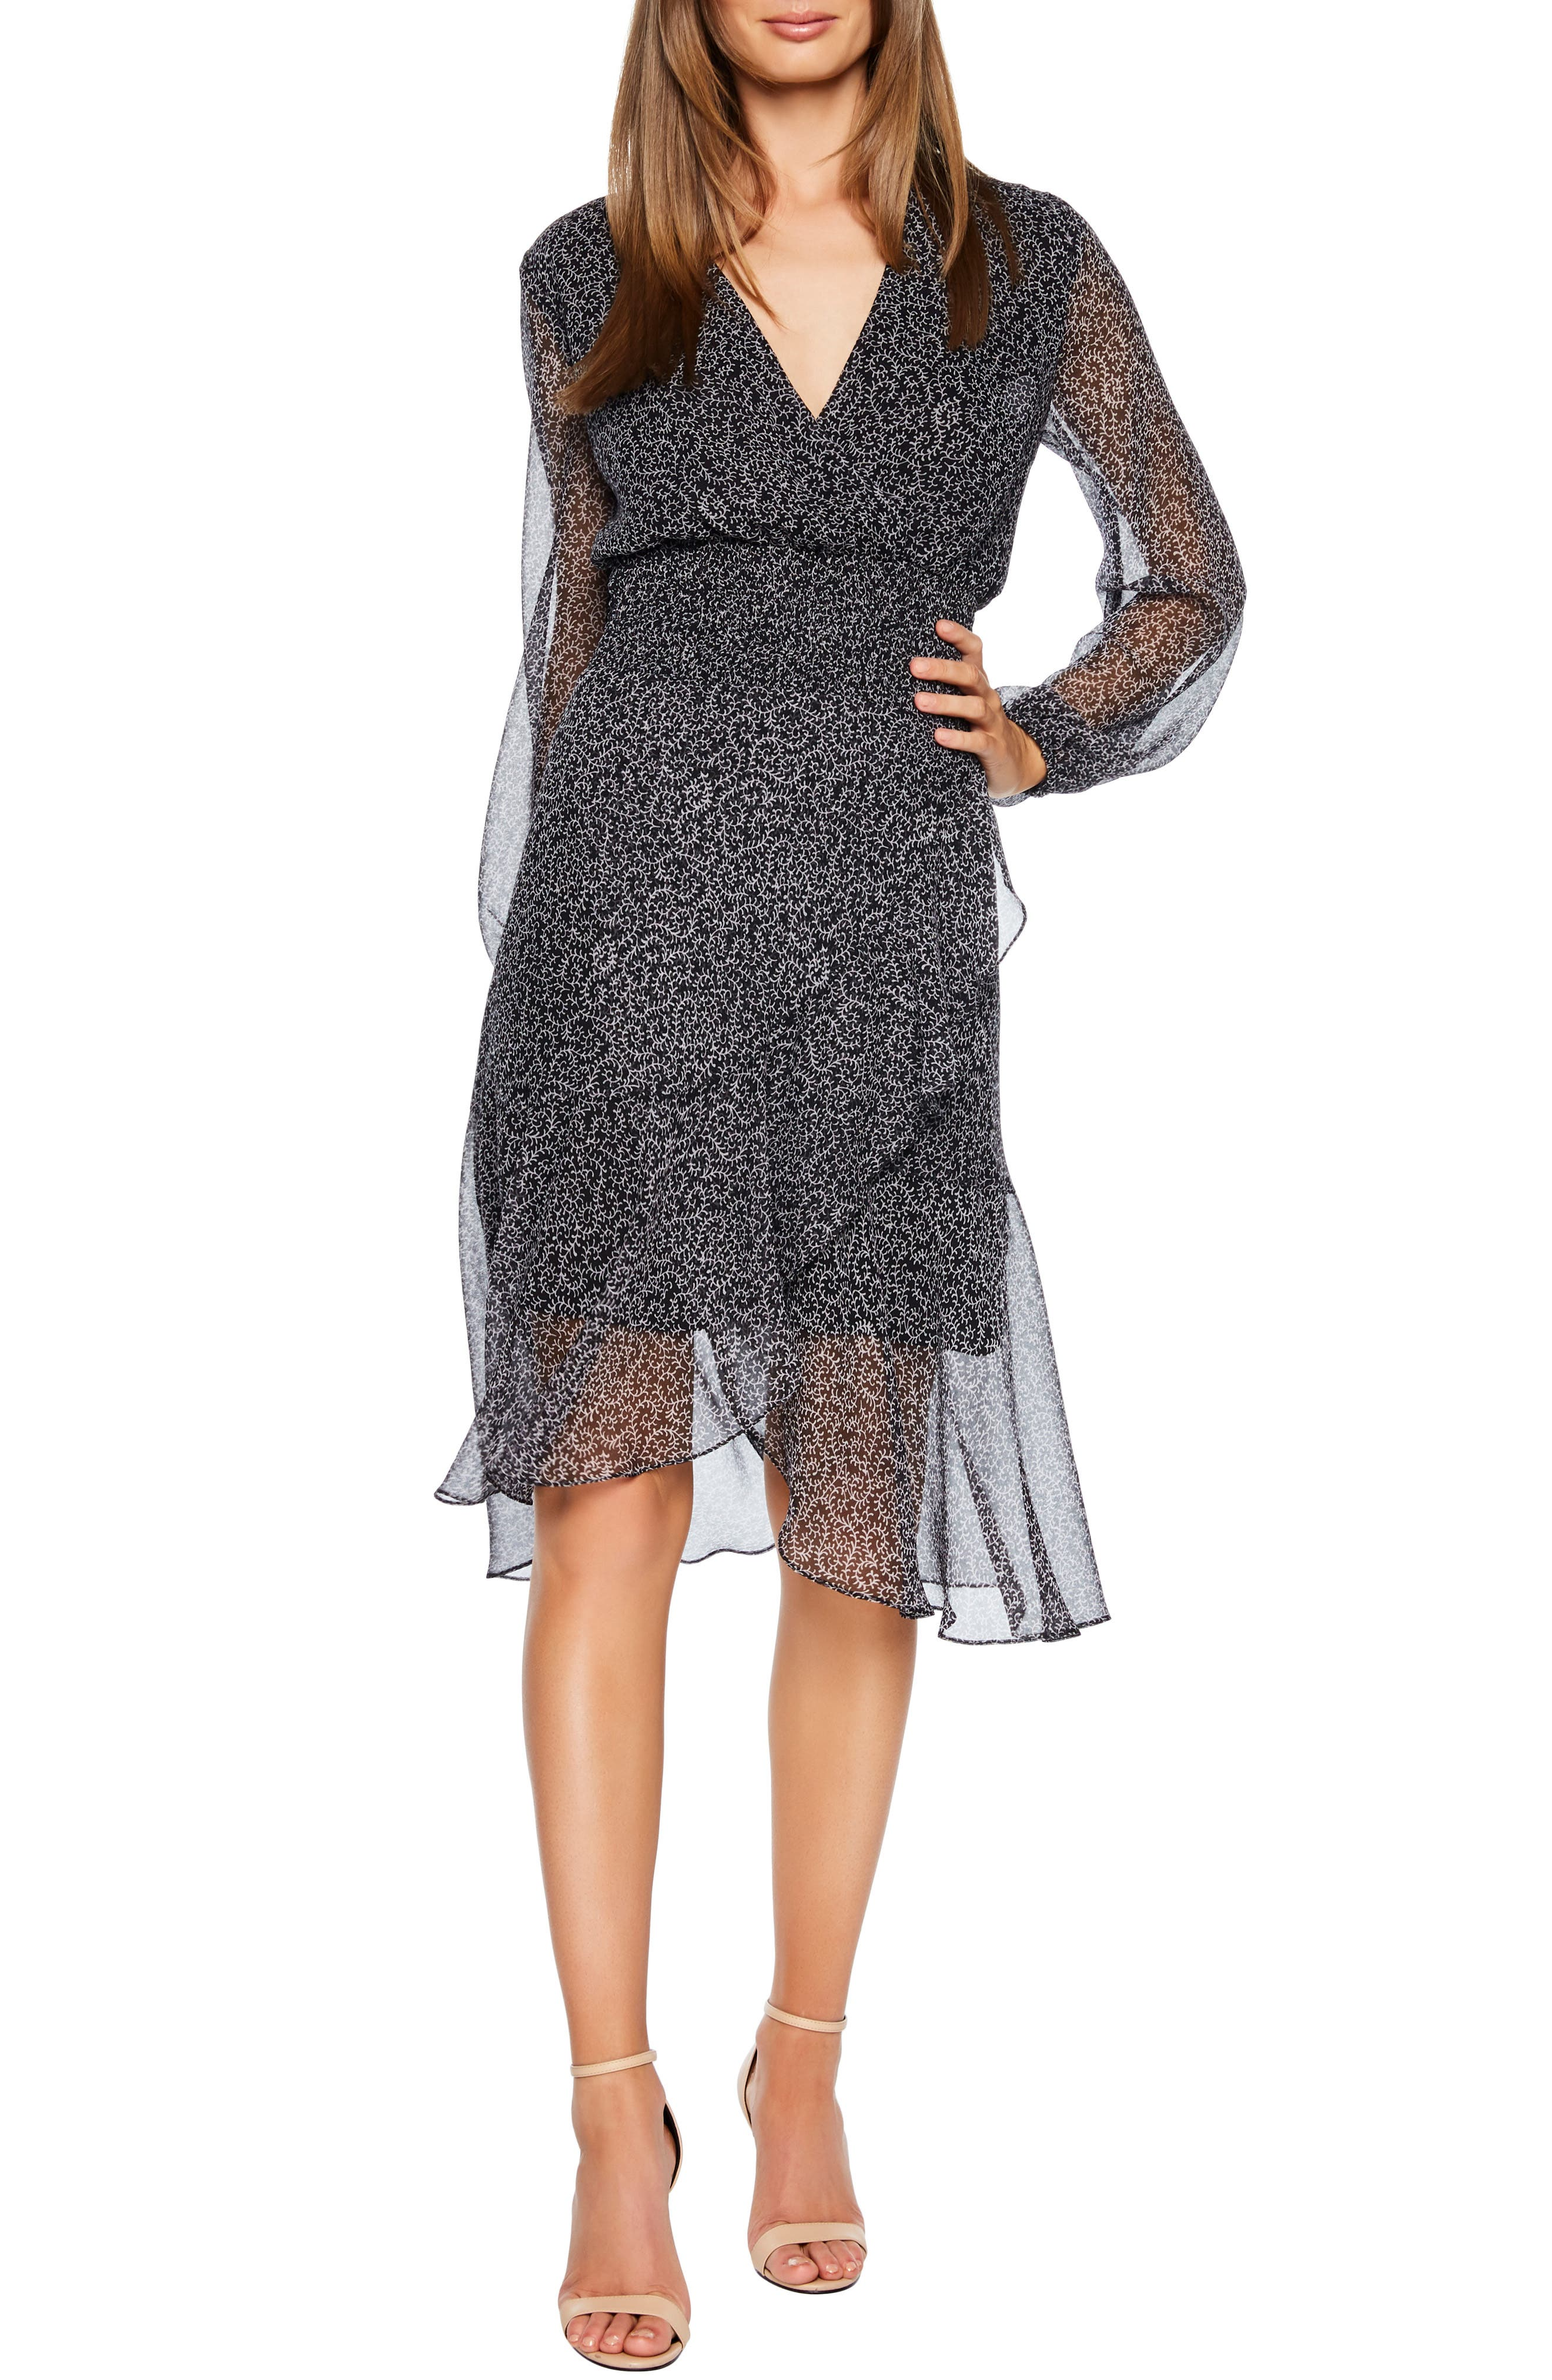 BARDOT,                             Sally Faux Chiffon Wrap Dress,                             Main thumbnail 1, color,                             ABSTRACT PAISLEY